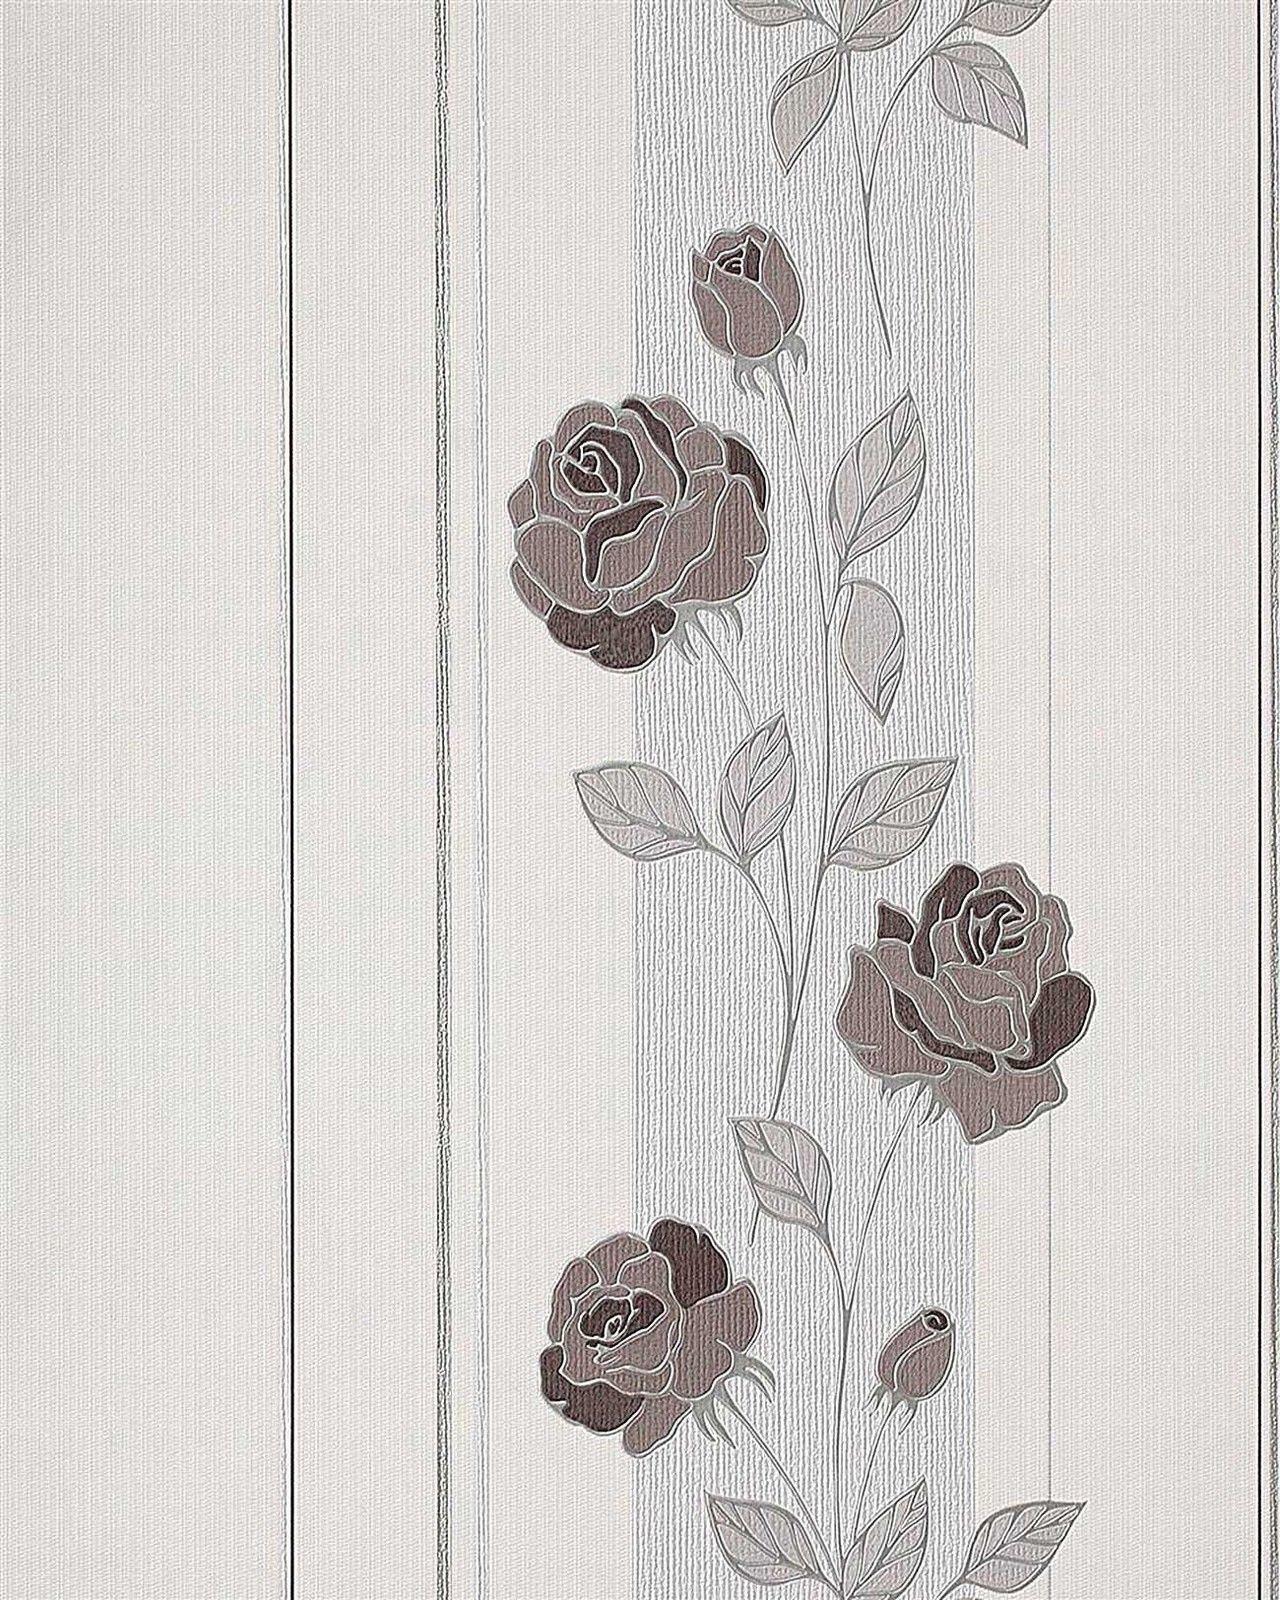 Edem 766 30 Deluxe Blumen Streifen Tapete Rosen Creme Kakao braun Silber Grau